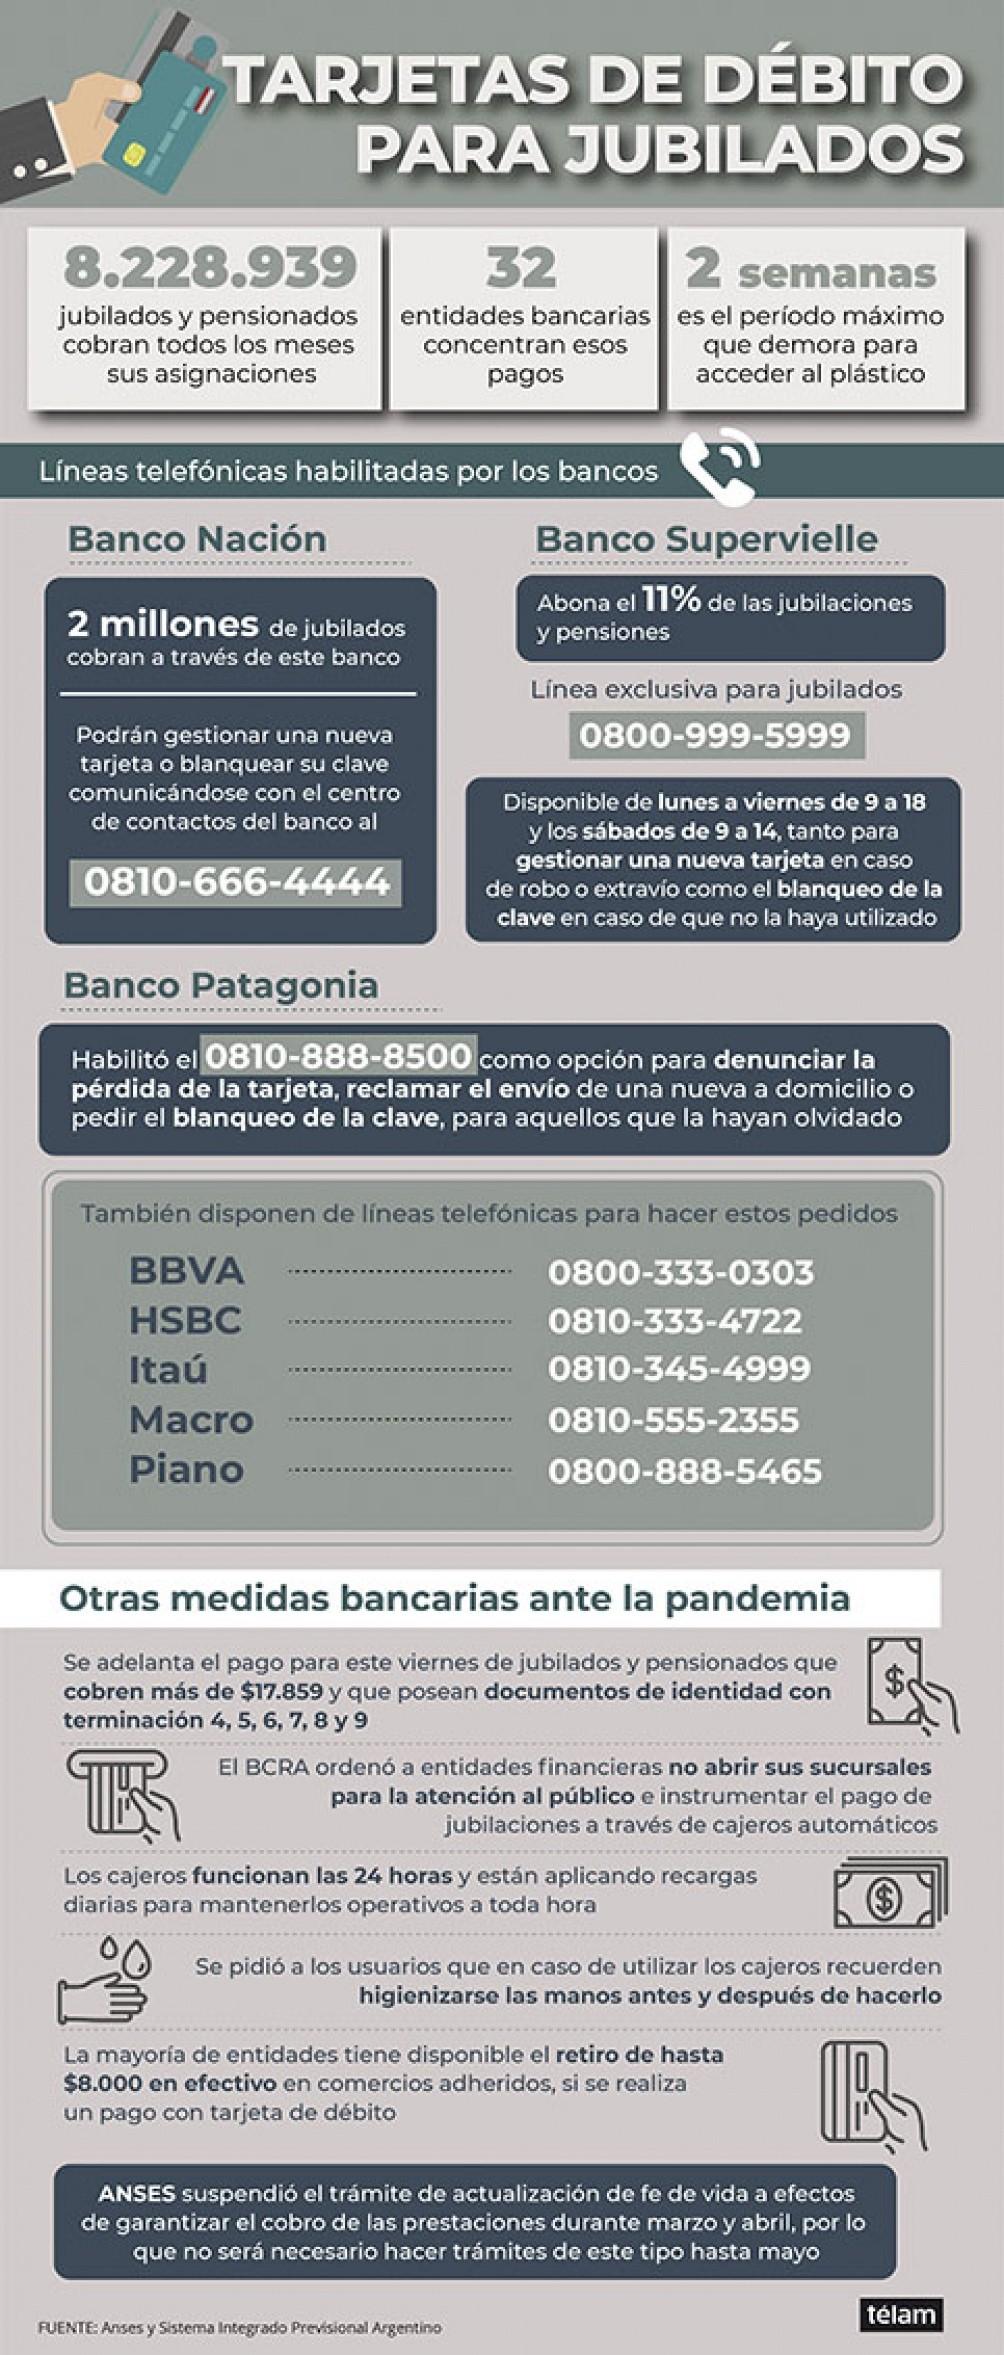 Jubilados: los bancos abren líneas telefónicas para que pidan sus tarjetas de débito